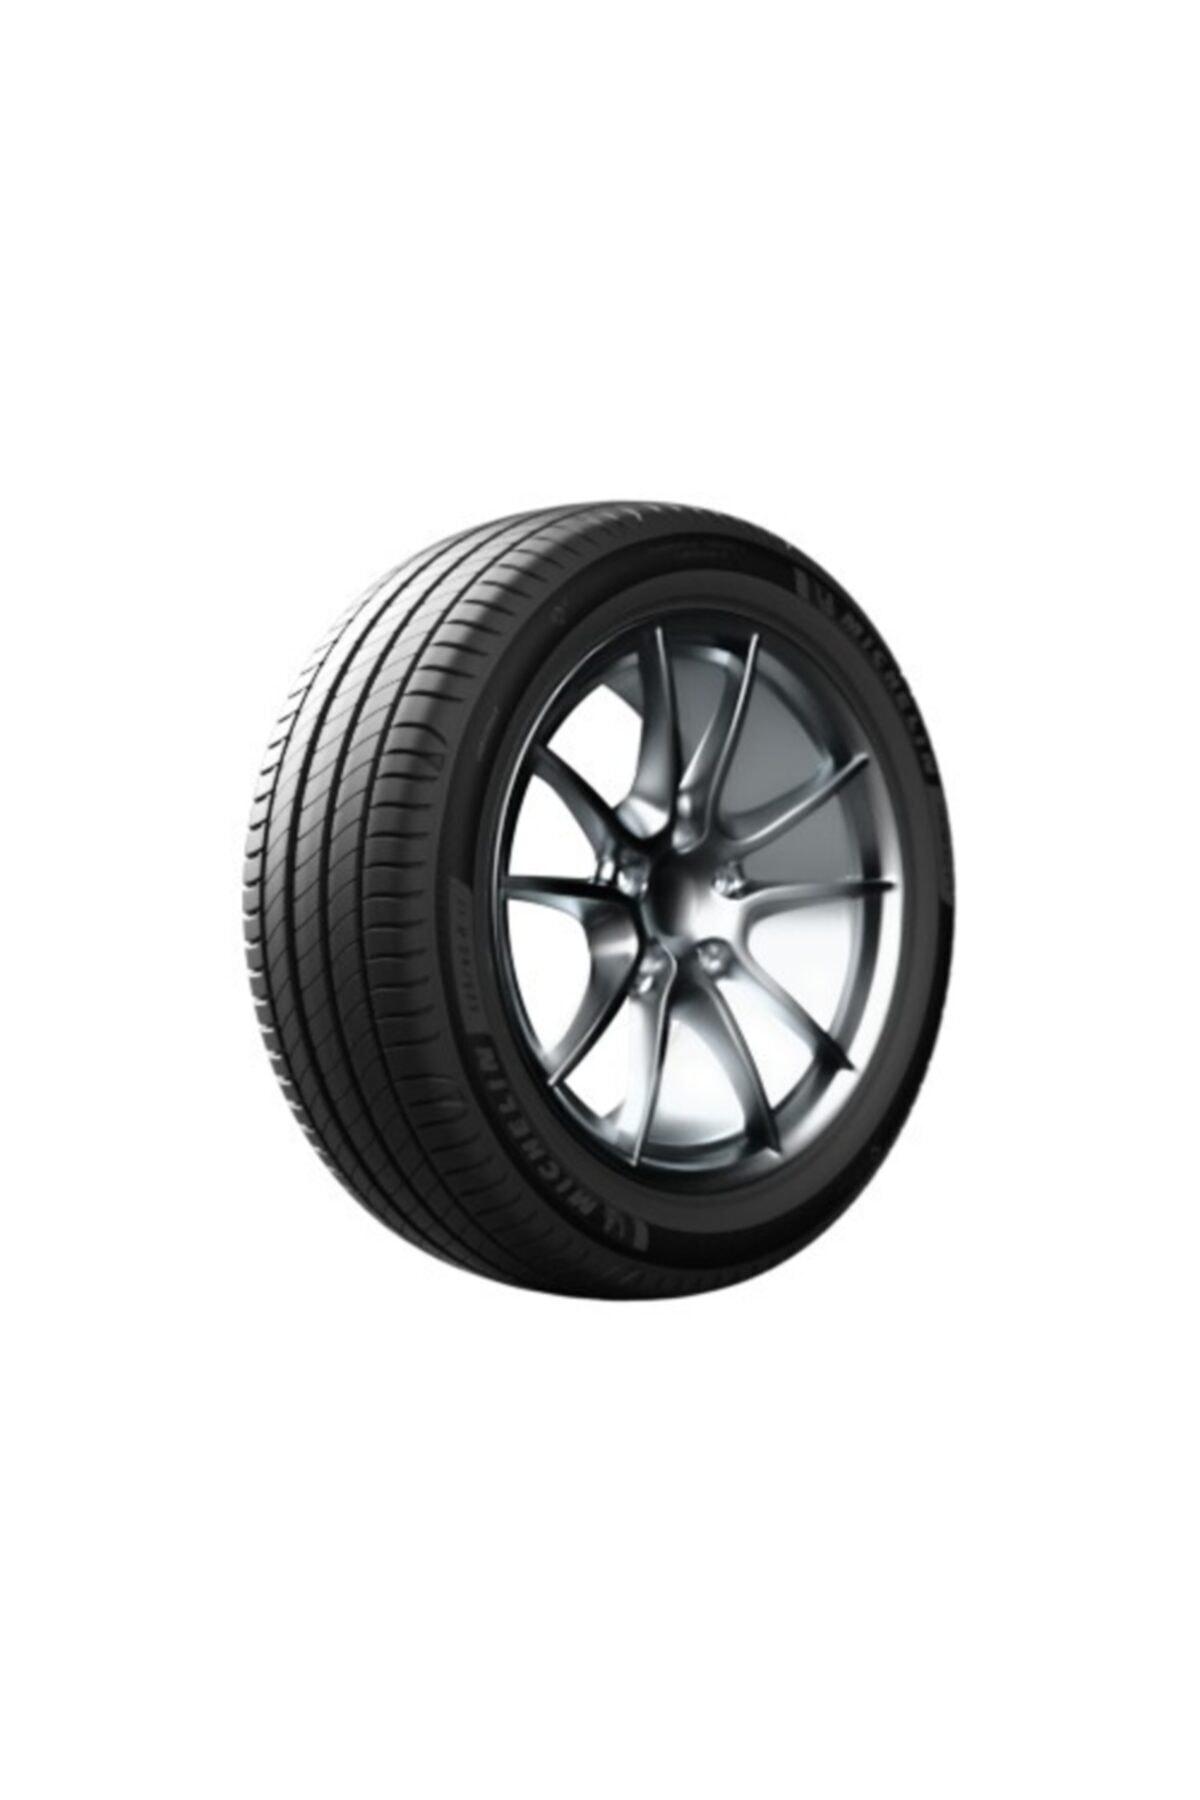 Michelin Mıchelın 205/55r16 91h Prımacy4 Yaz Lastiği 2021 Üretim 1